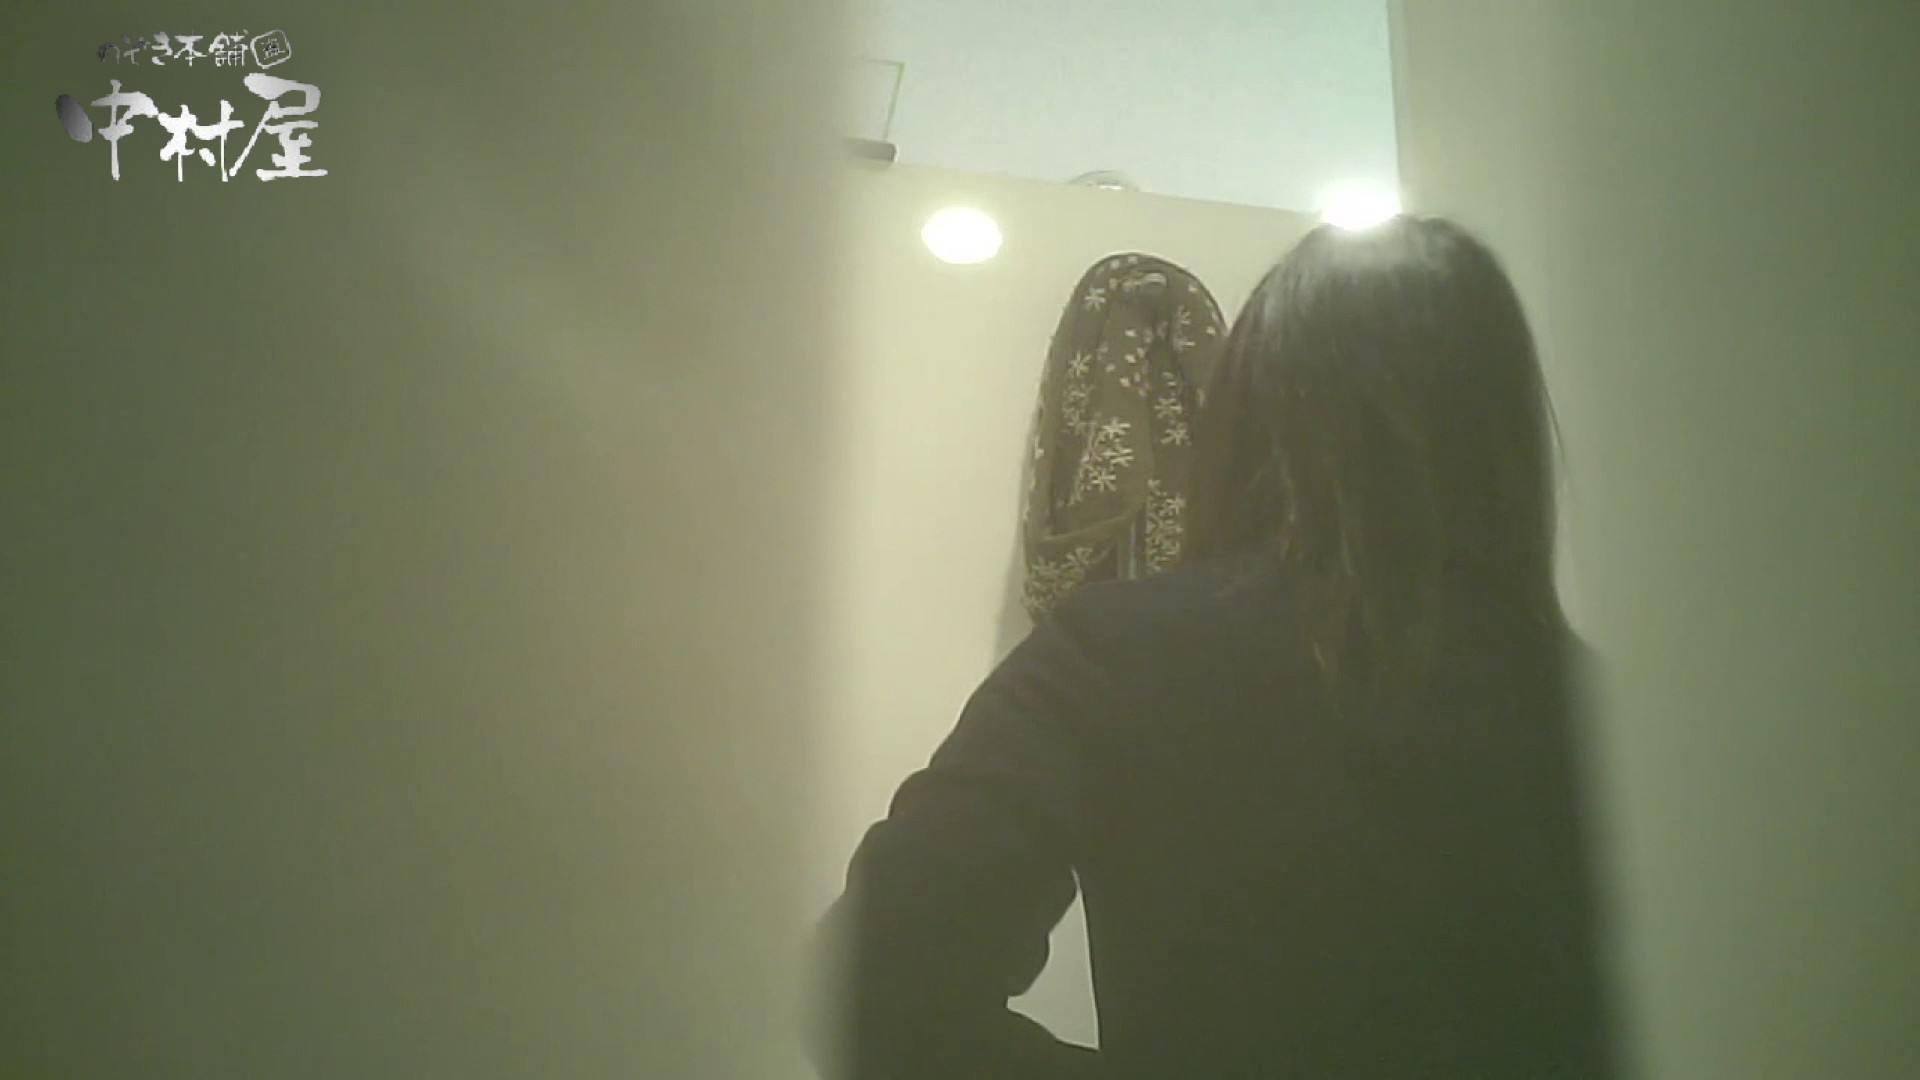 有名大学女性洗面所 vol.54 設置撮影最高峰!! 3視点でじっくり観察 0 | 0  65pic 3